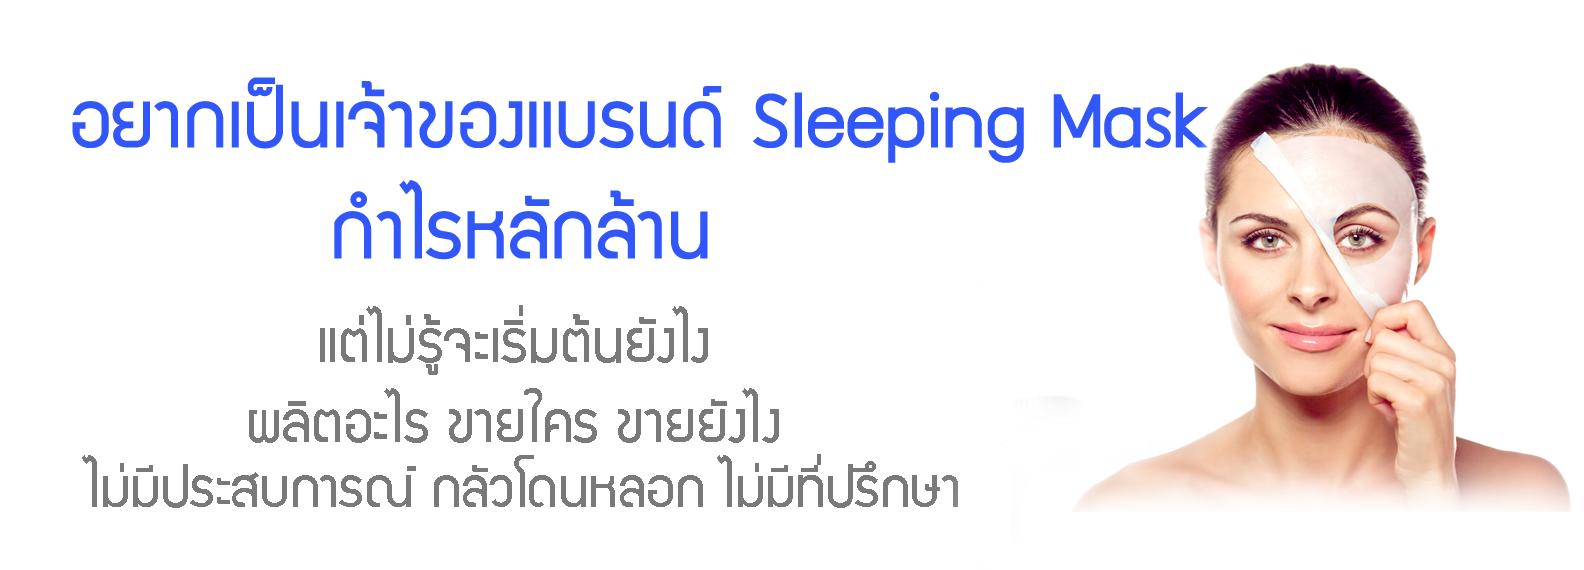 รับผลิต Sleeping Mask